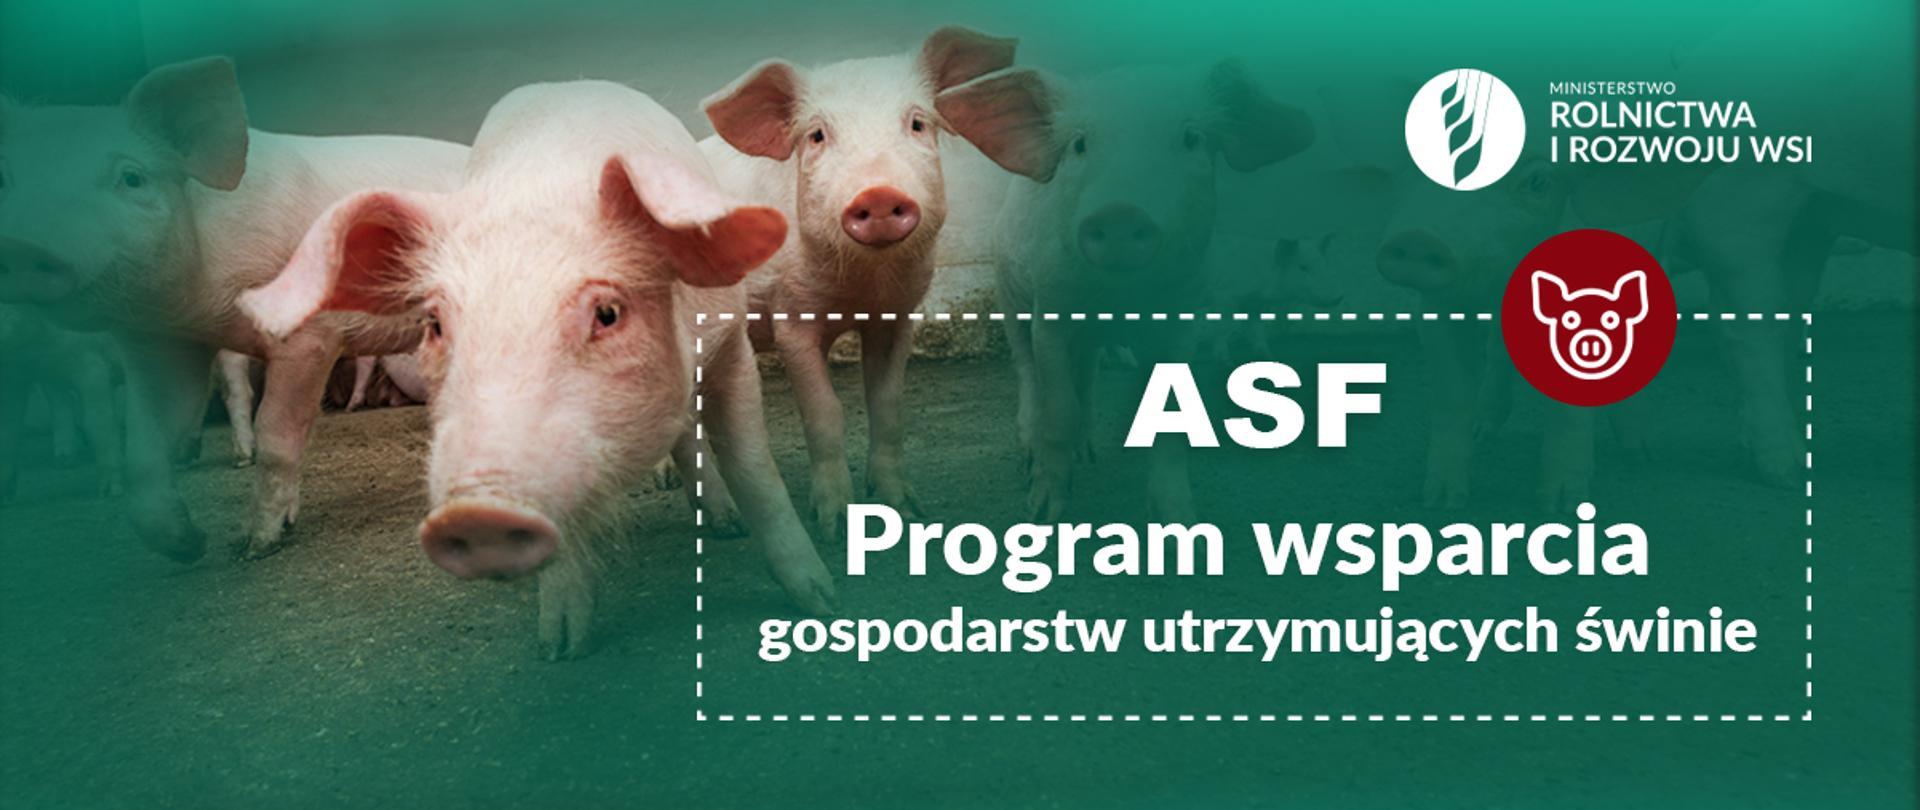 Program wsparcia gospodarstw utrzymujących świnie